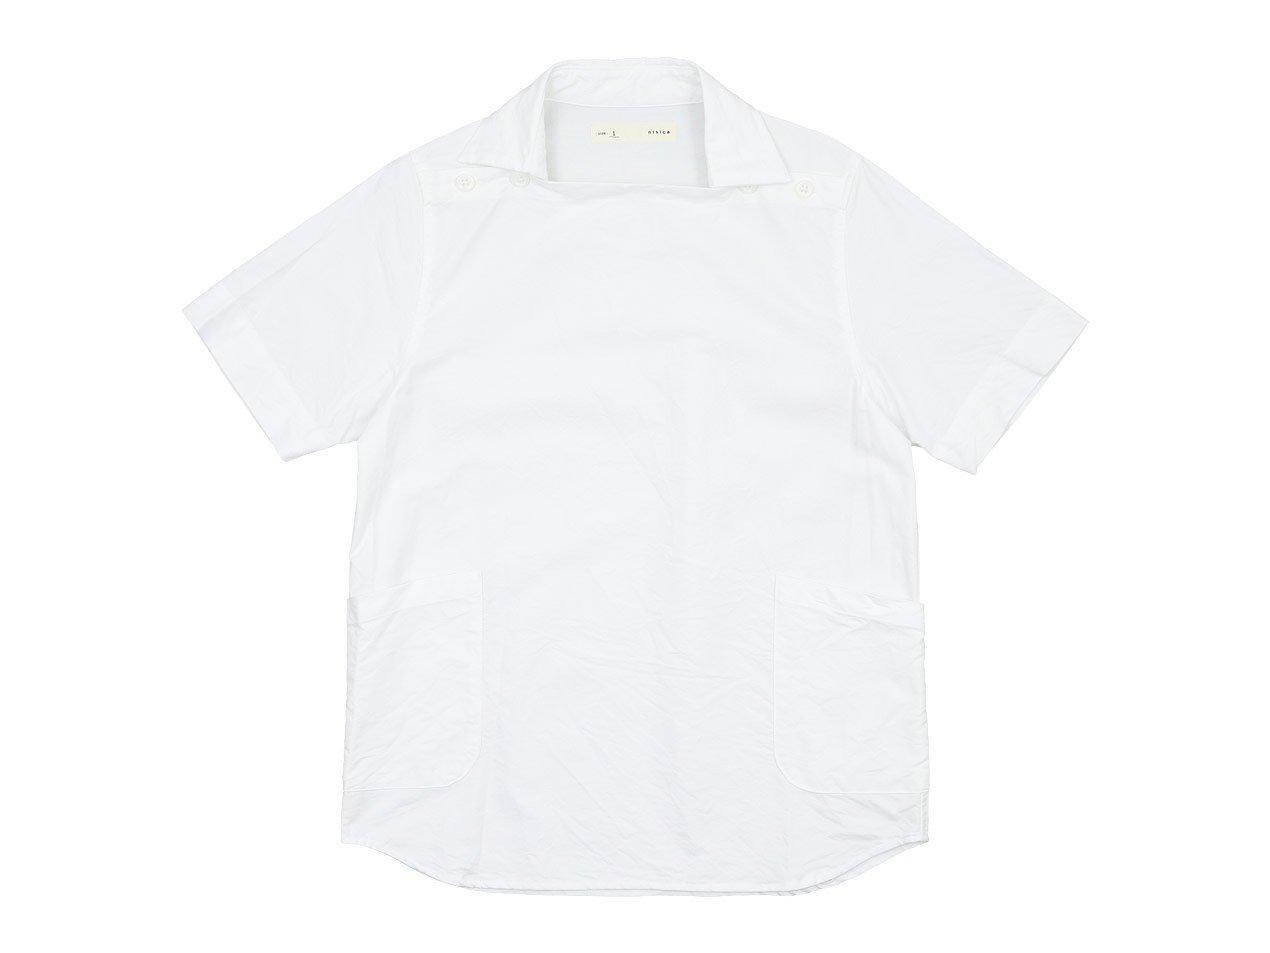 nisica 半袖デッキマンシャツ オックス WHITE